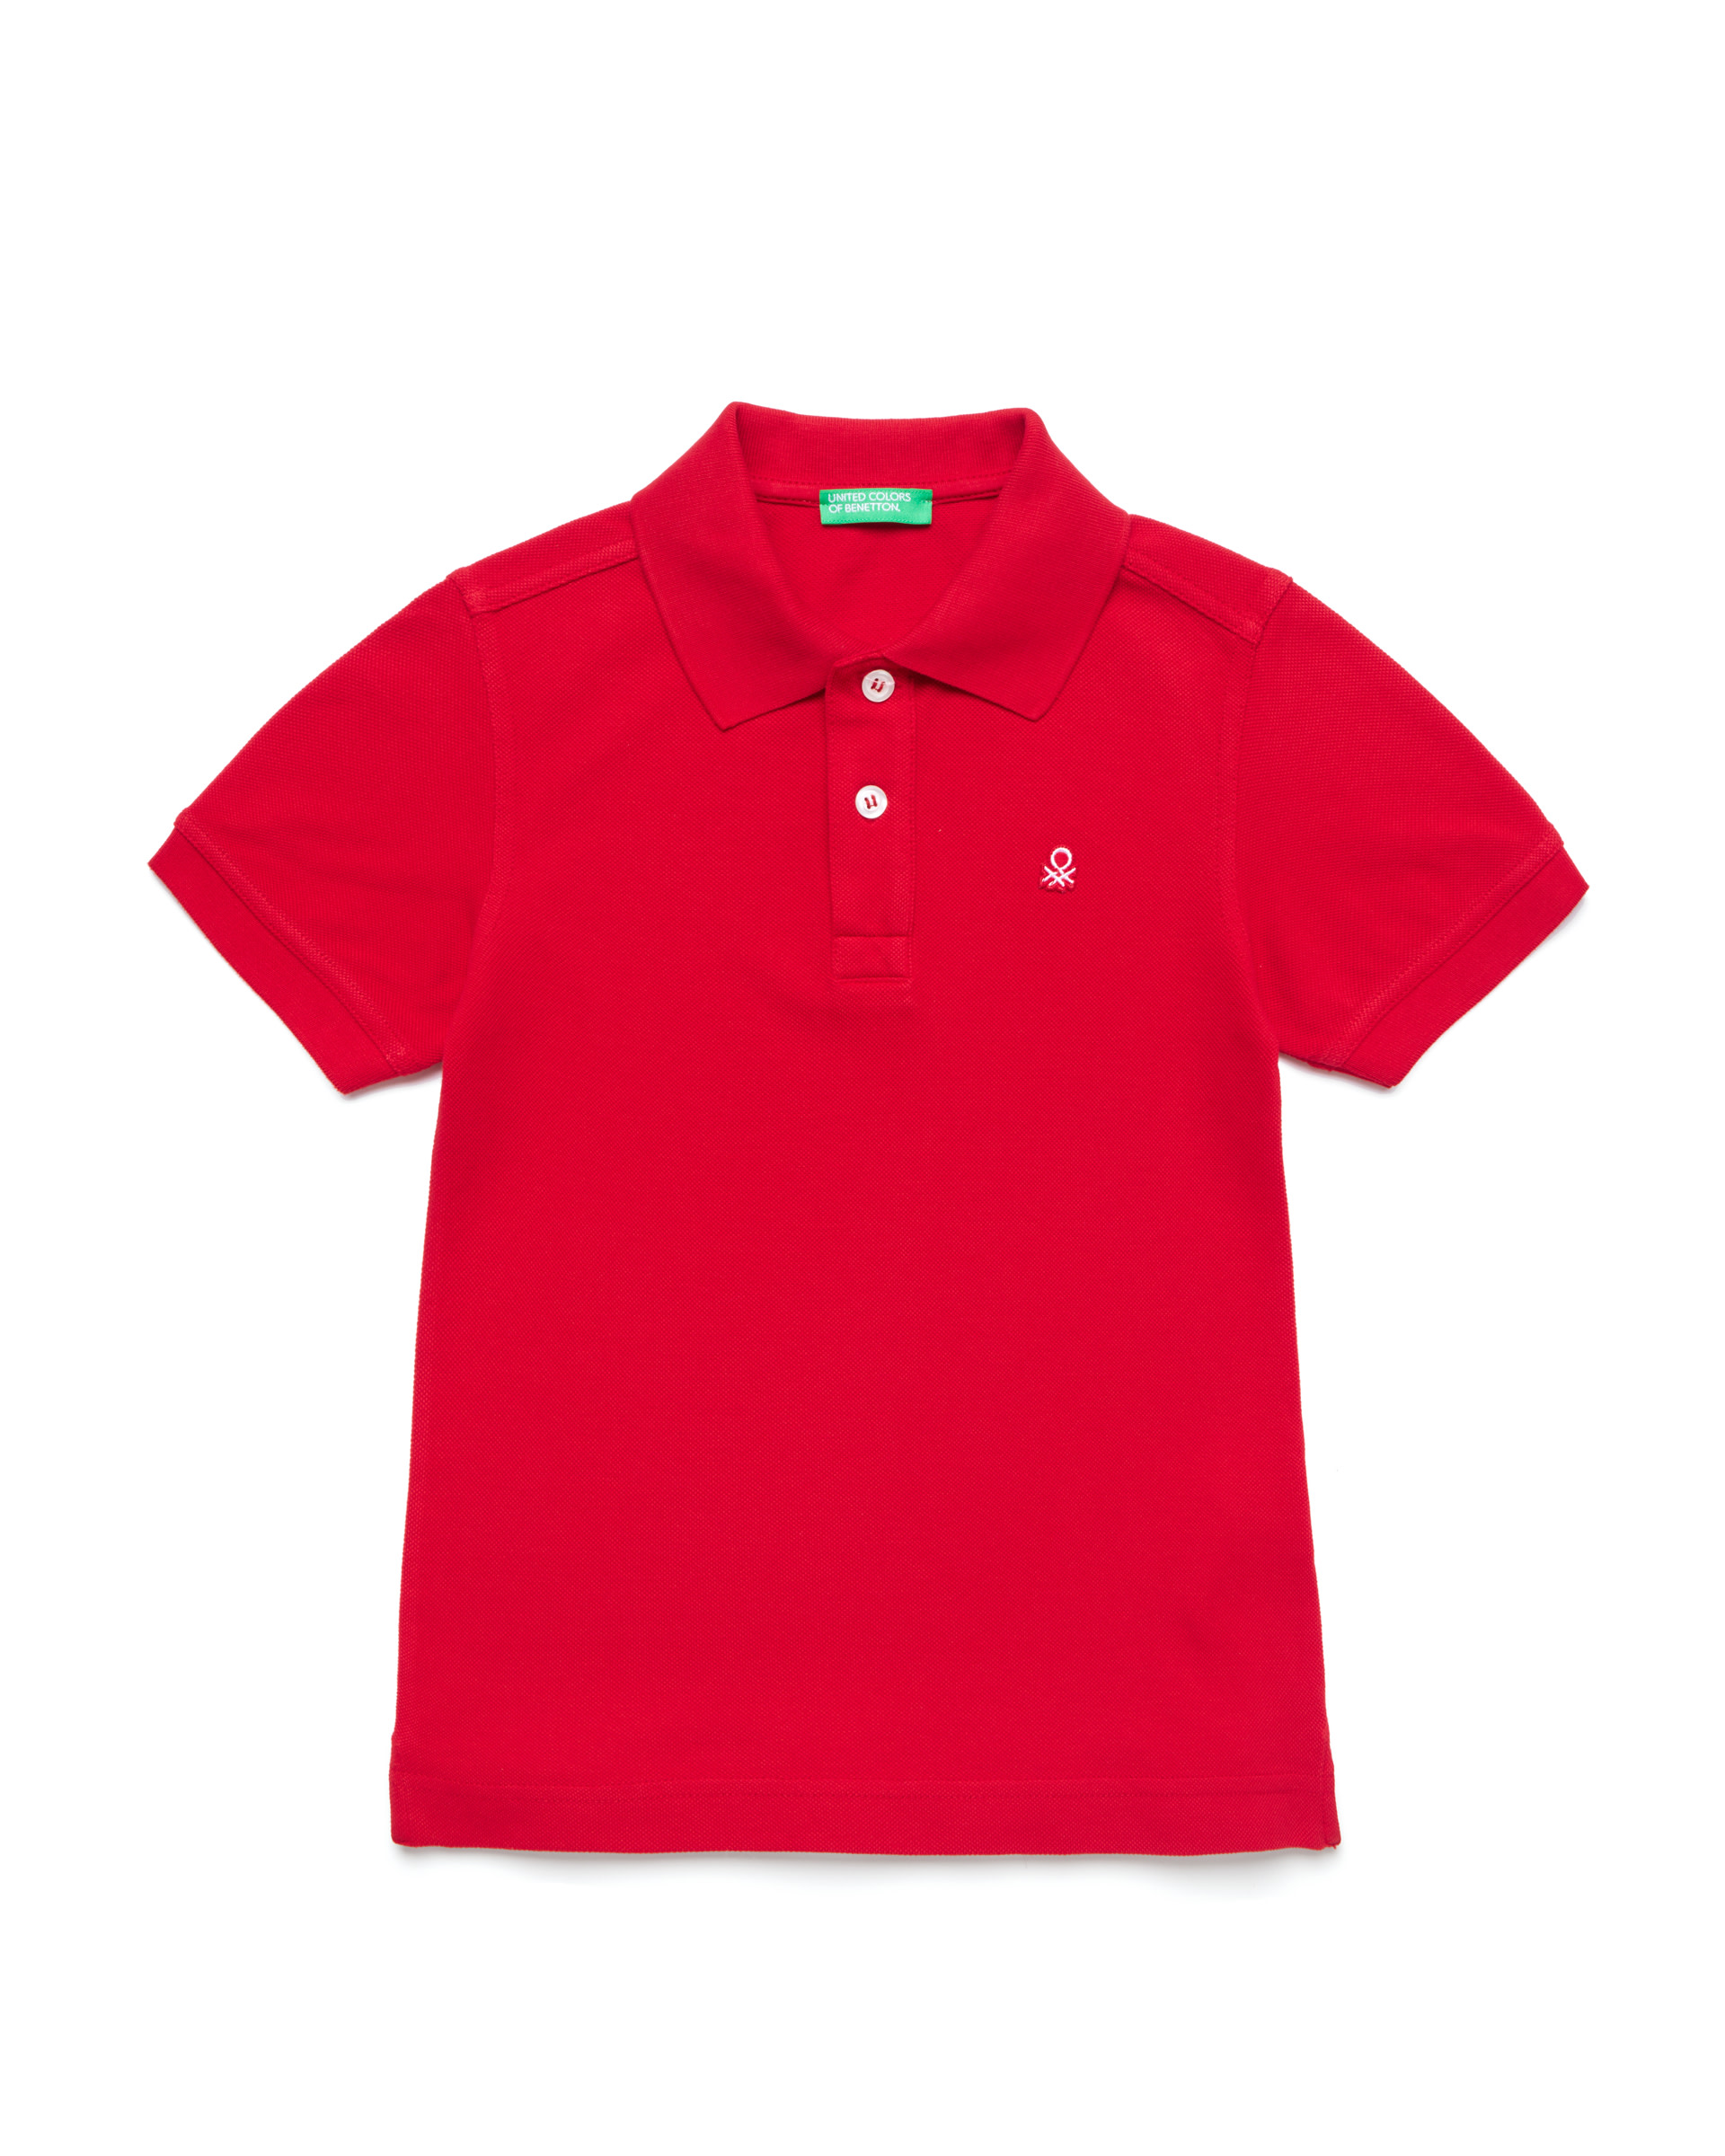 Купить CCC_3089C3091_015, Поло-пике для мальчиков Benetton 3089C3091_015 р-р 92, United Colors of Benetton, Кофточки, футболки для новорожденных